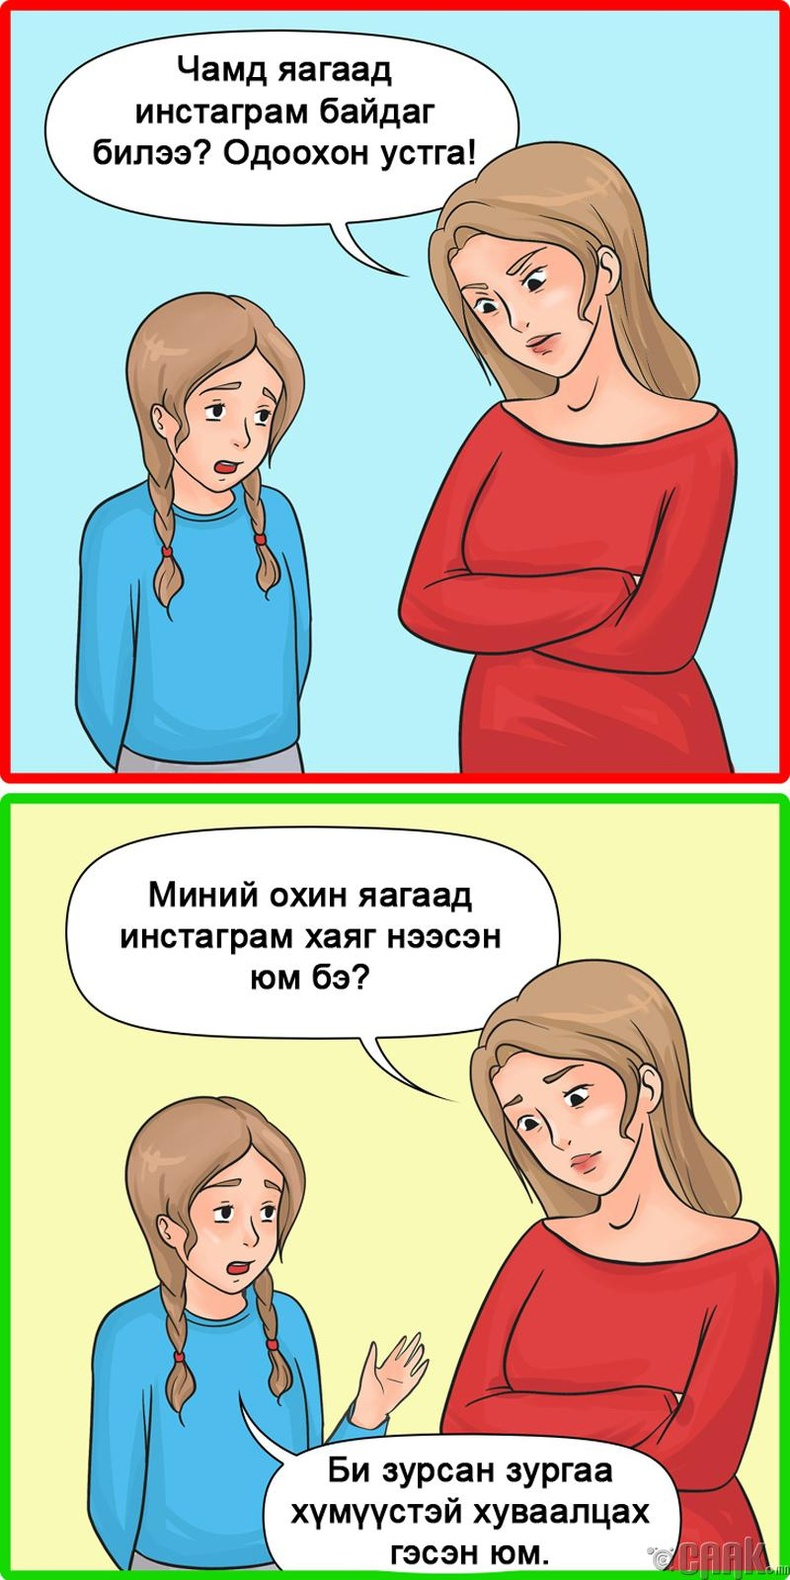 Хүүхдээ айхгүй байхад тусал